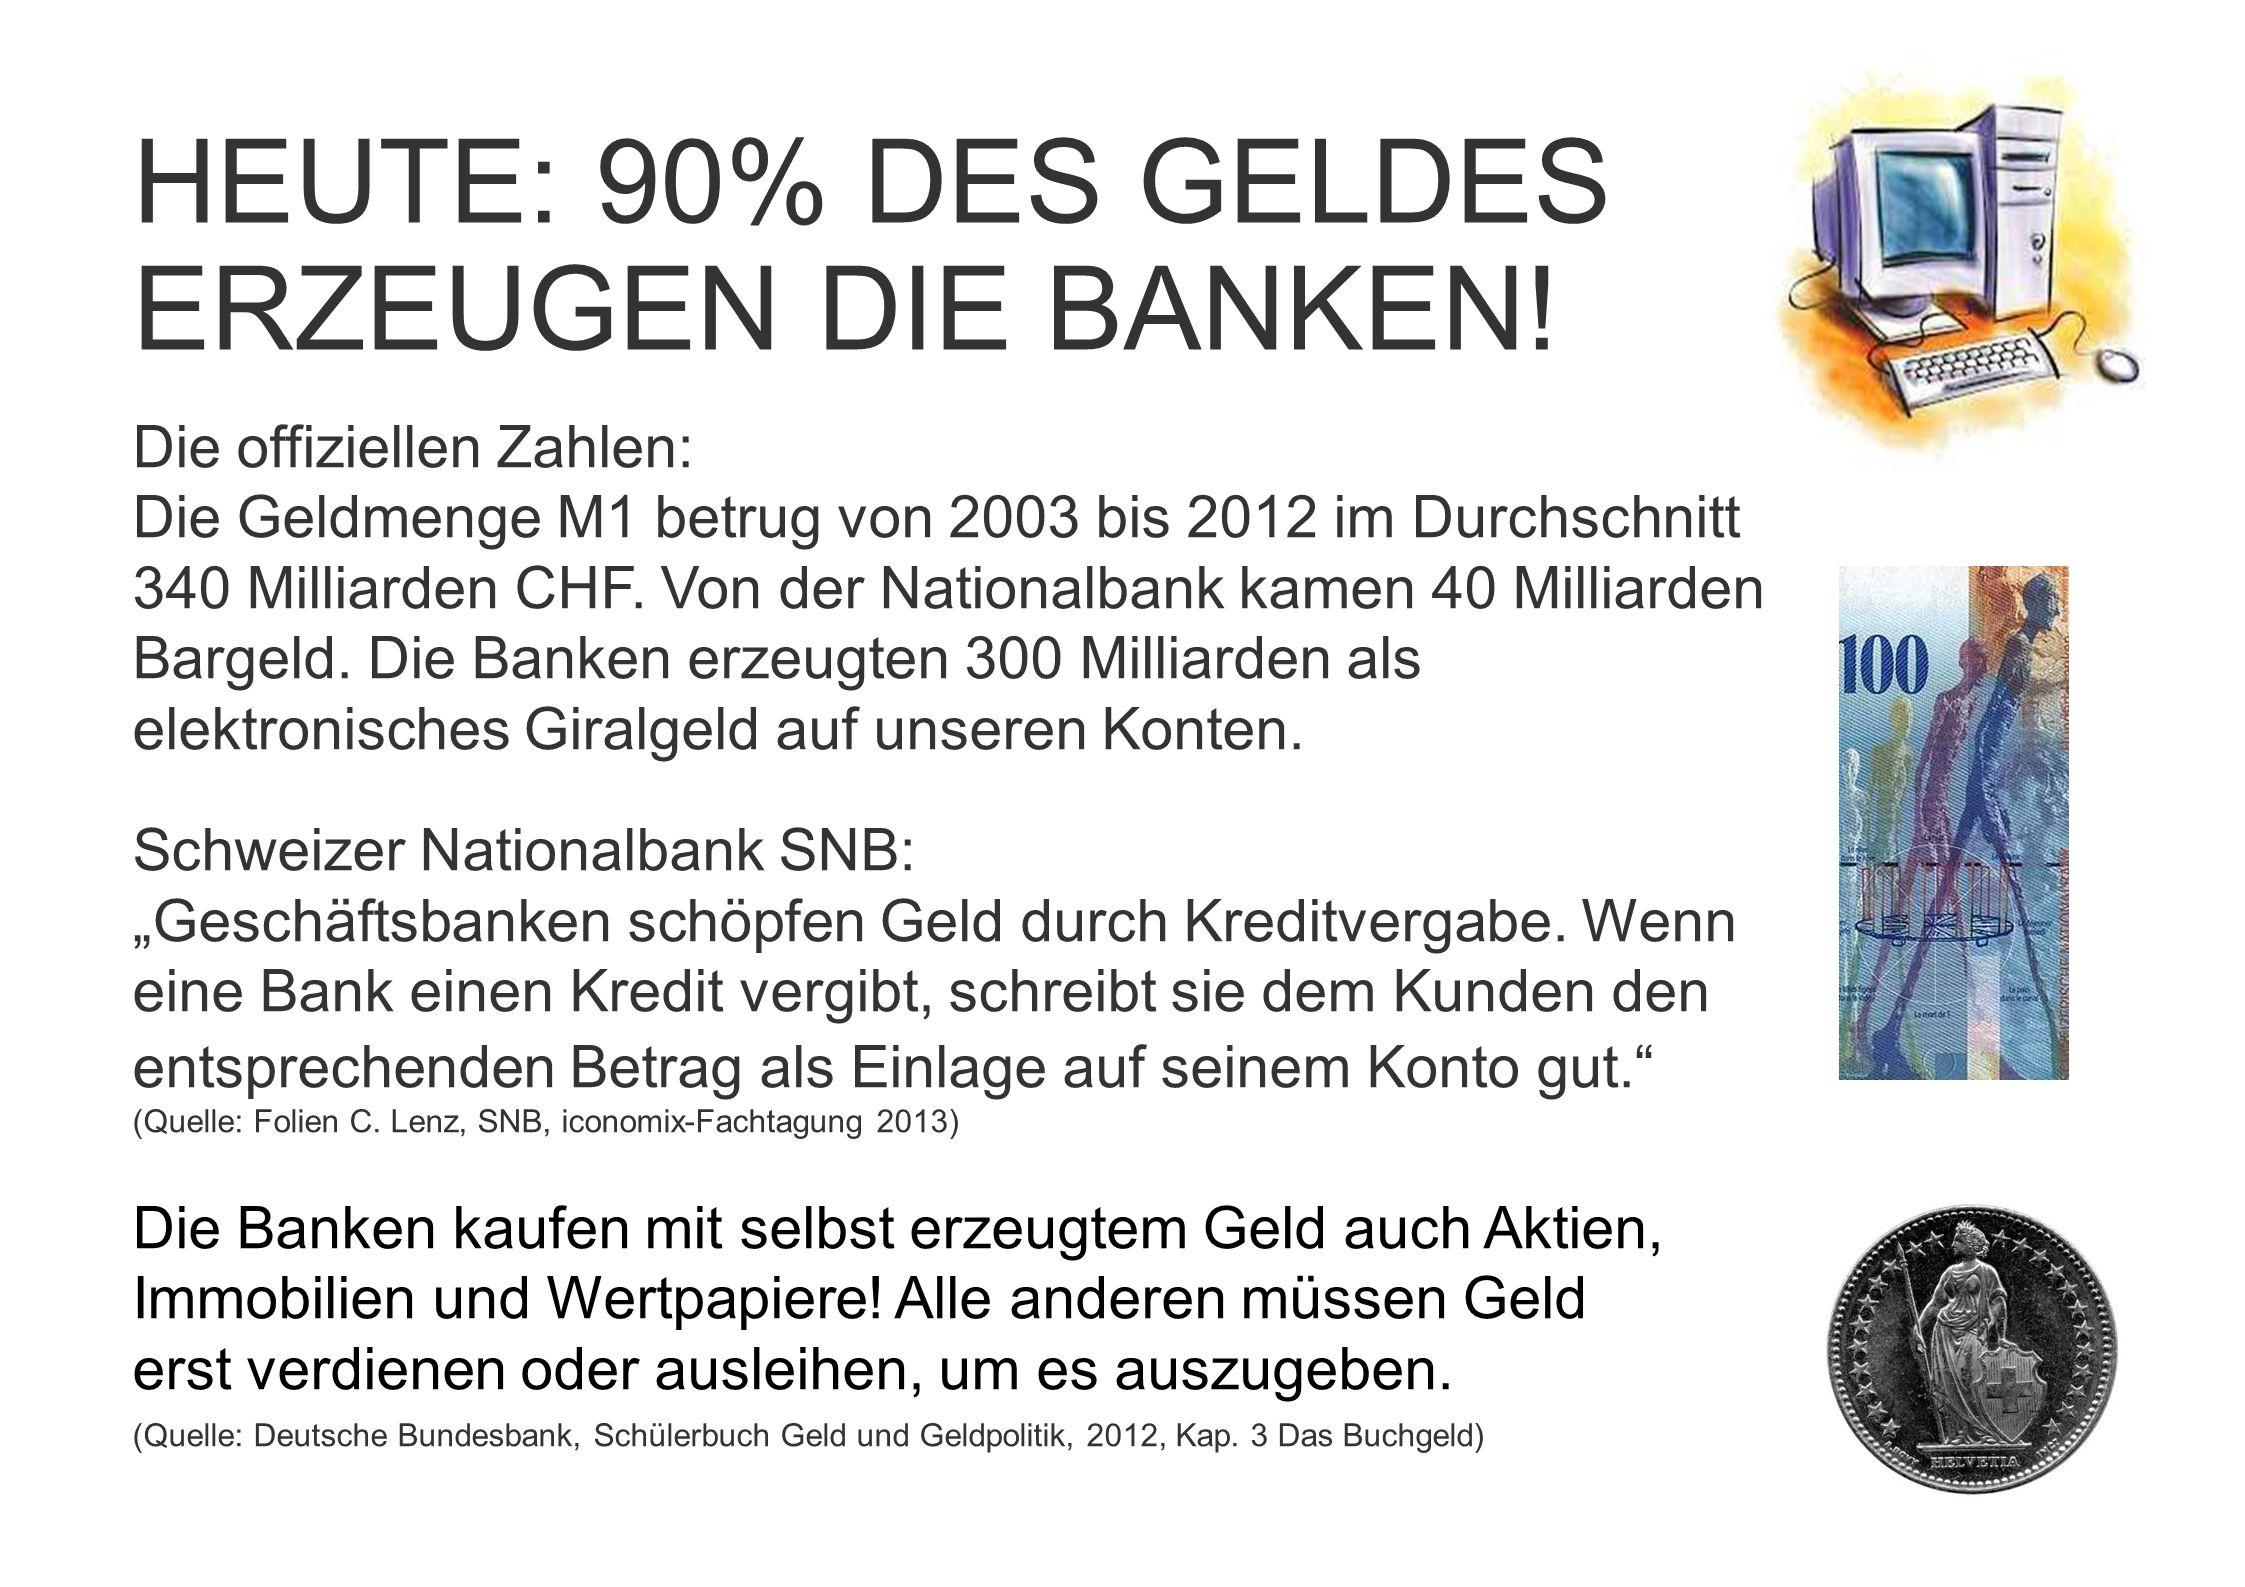 HEUTE: 90% DES GELDES ERZEUGEN DIE BANKEN!